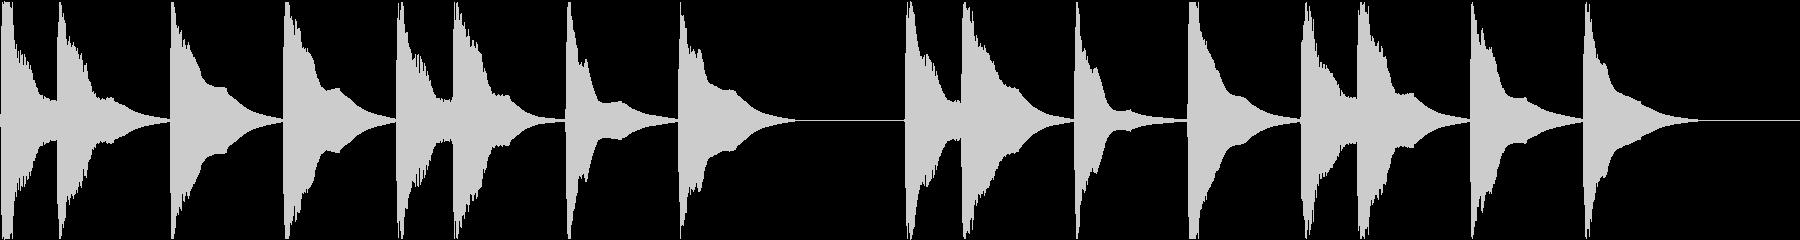 着信音 ループ お知らせ 通知 9の未再生の波形